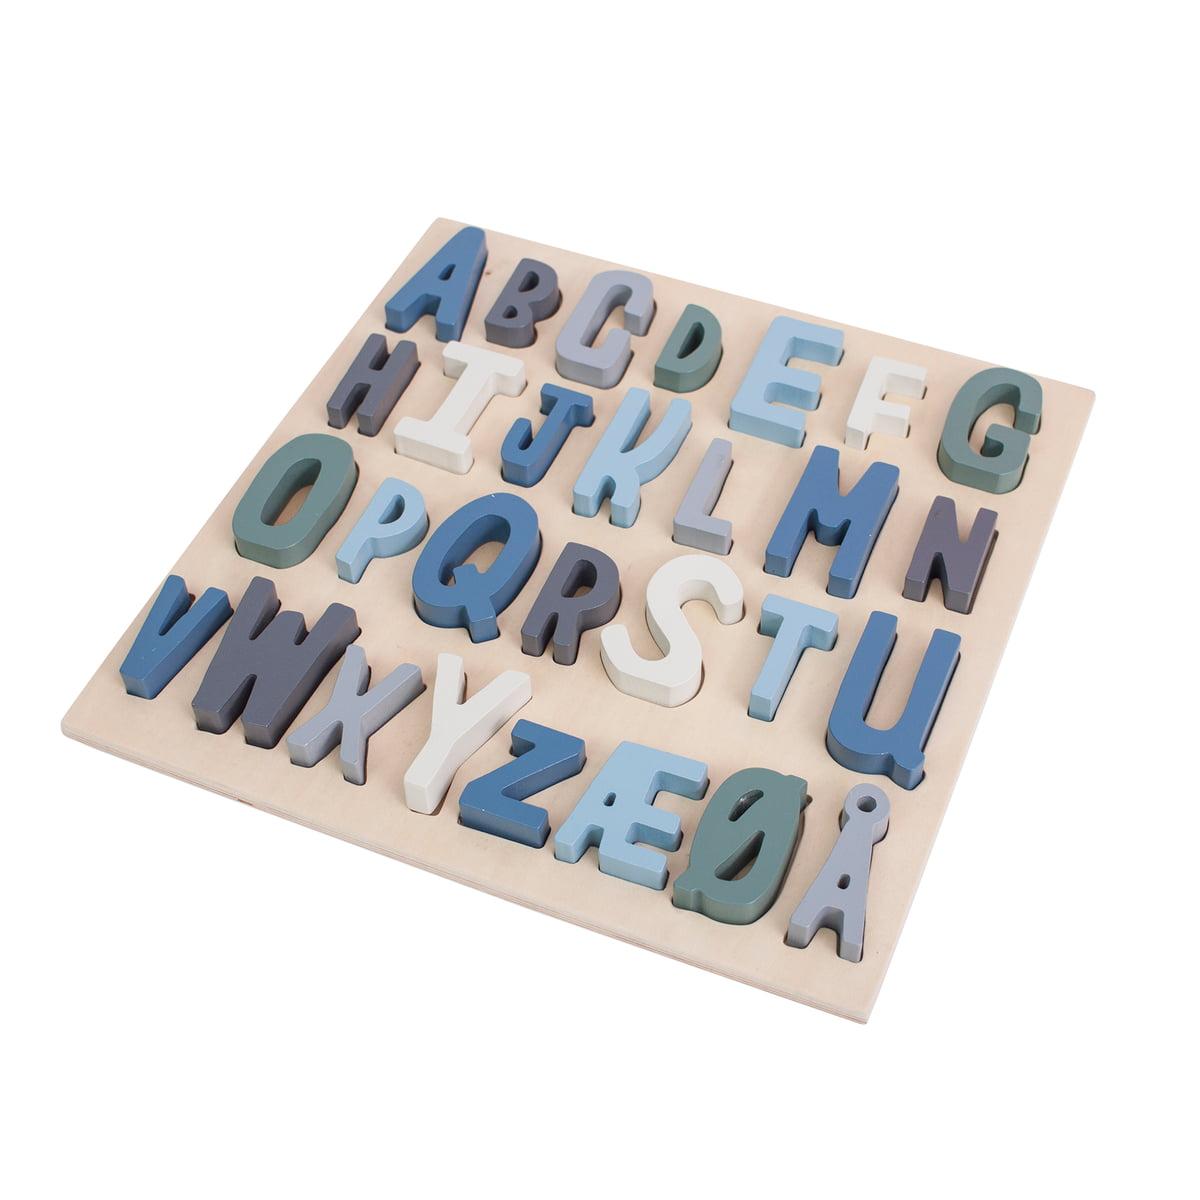 Sebra - Wooden Puzzle ABC (dänisch), royal blue | Kinderzimmer > Spielzeuge > Sonstige Spielzeuge | Verschiedene farben | Sebra